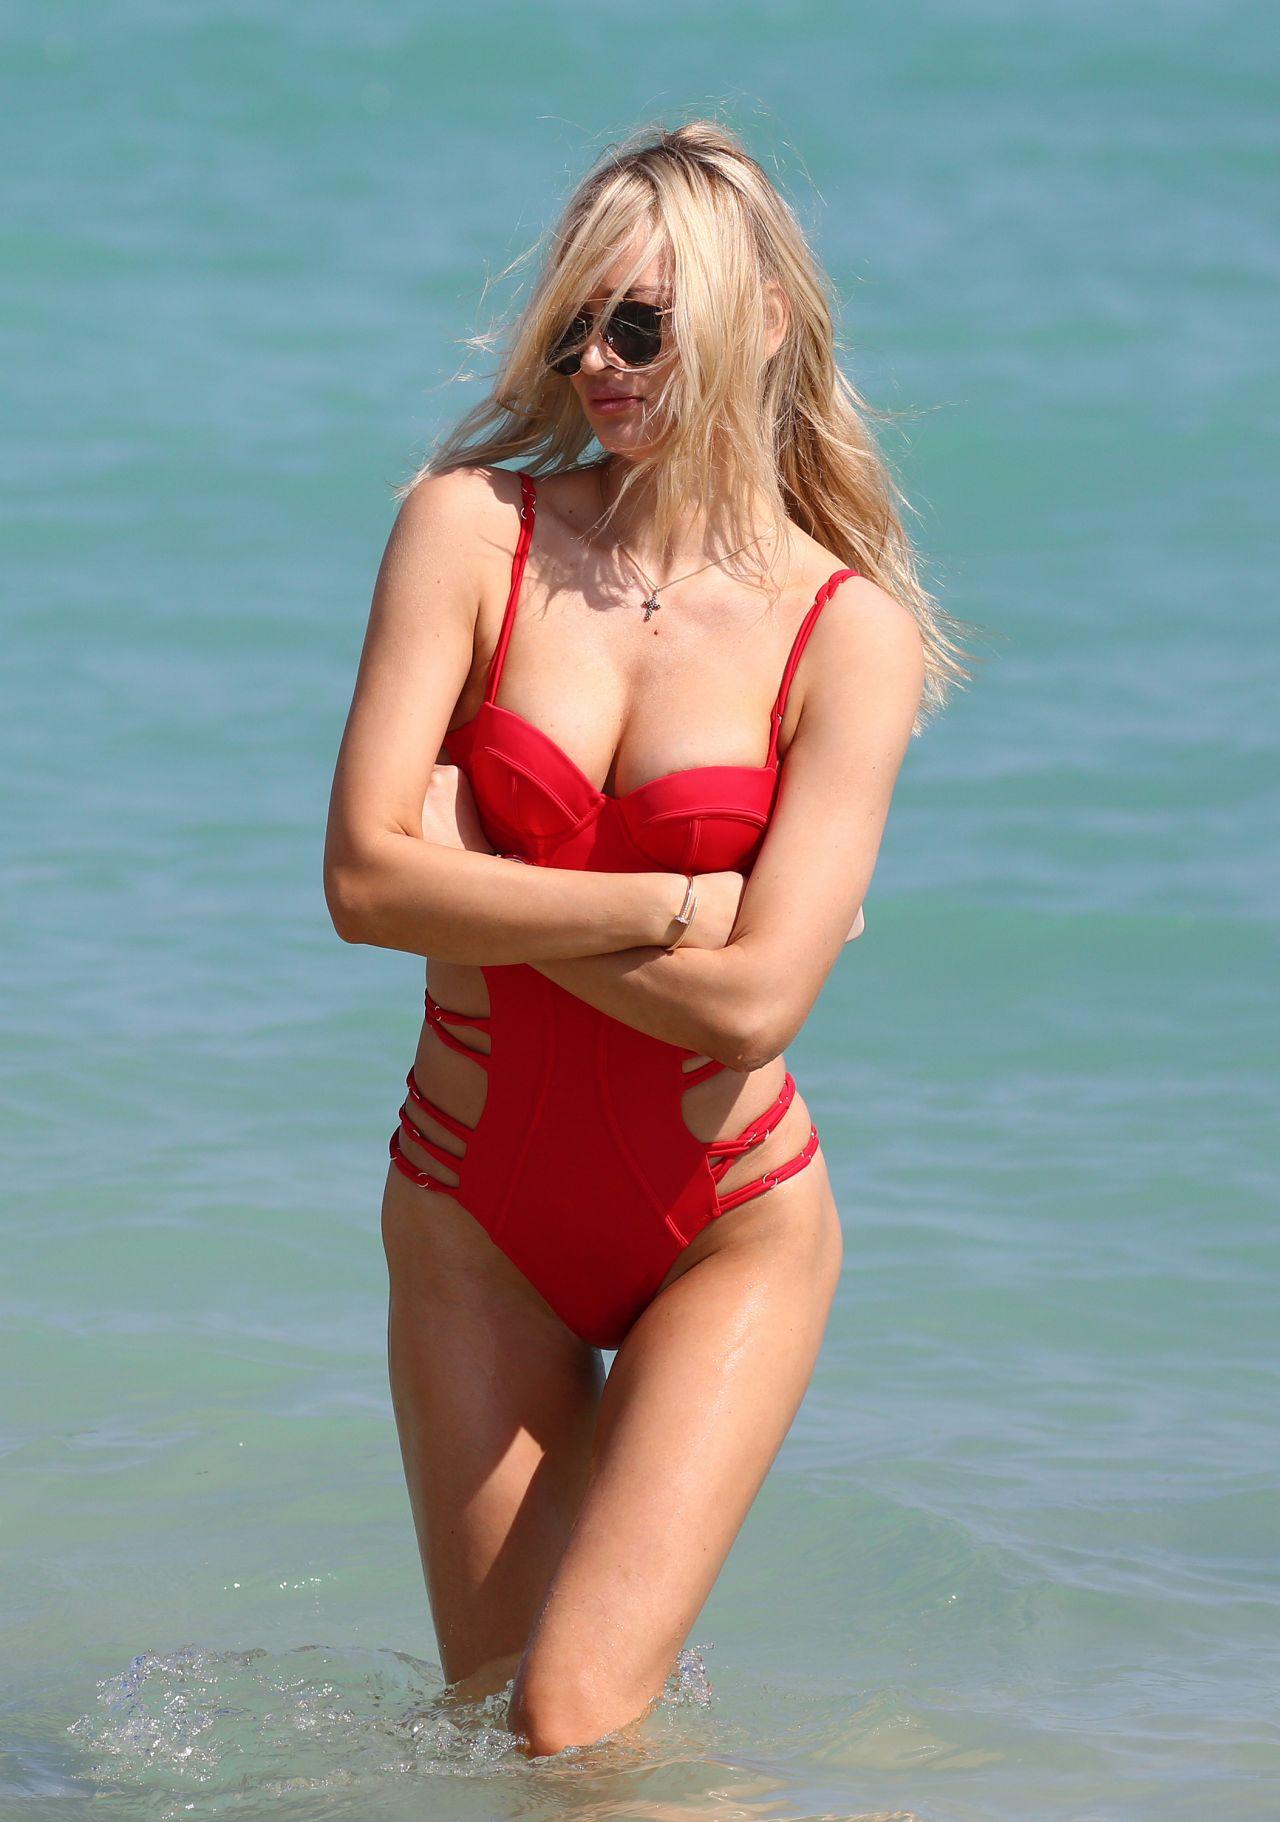 Gallery Swimsuit Sofija Milosevic  nude (36 pictures), Facebook, cameltoe